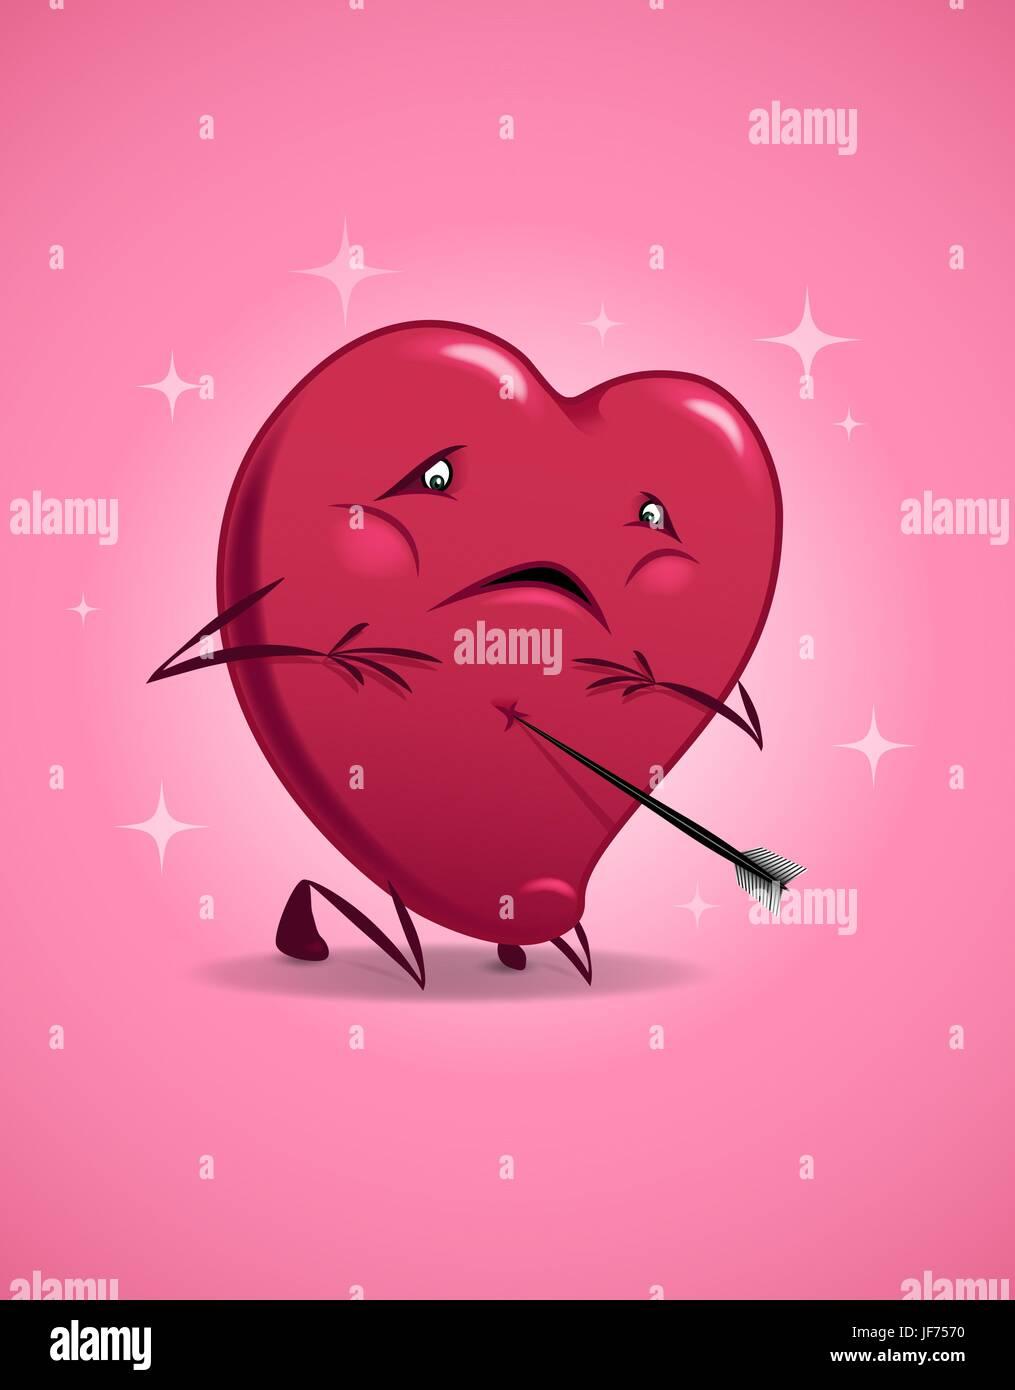 Valentinstag Lustig Cartoon Liebe Verliebt Verliebt Verletzt